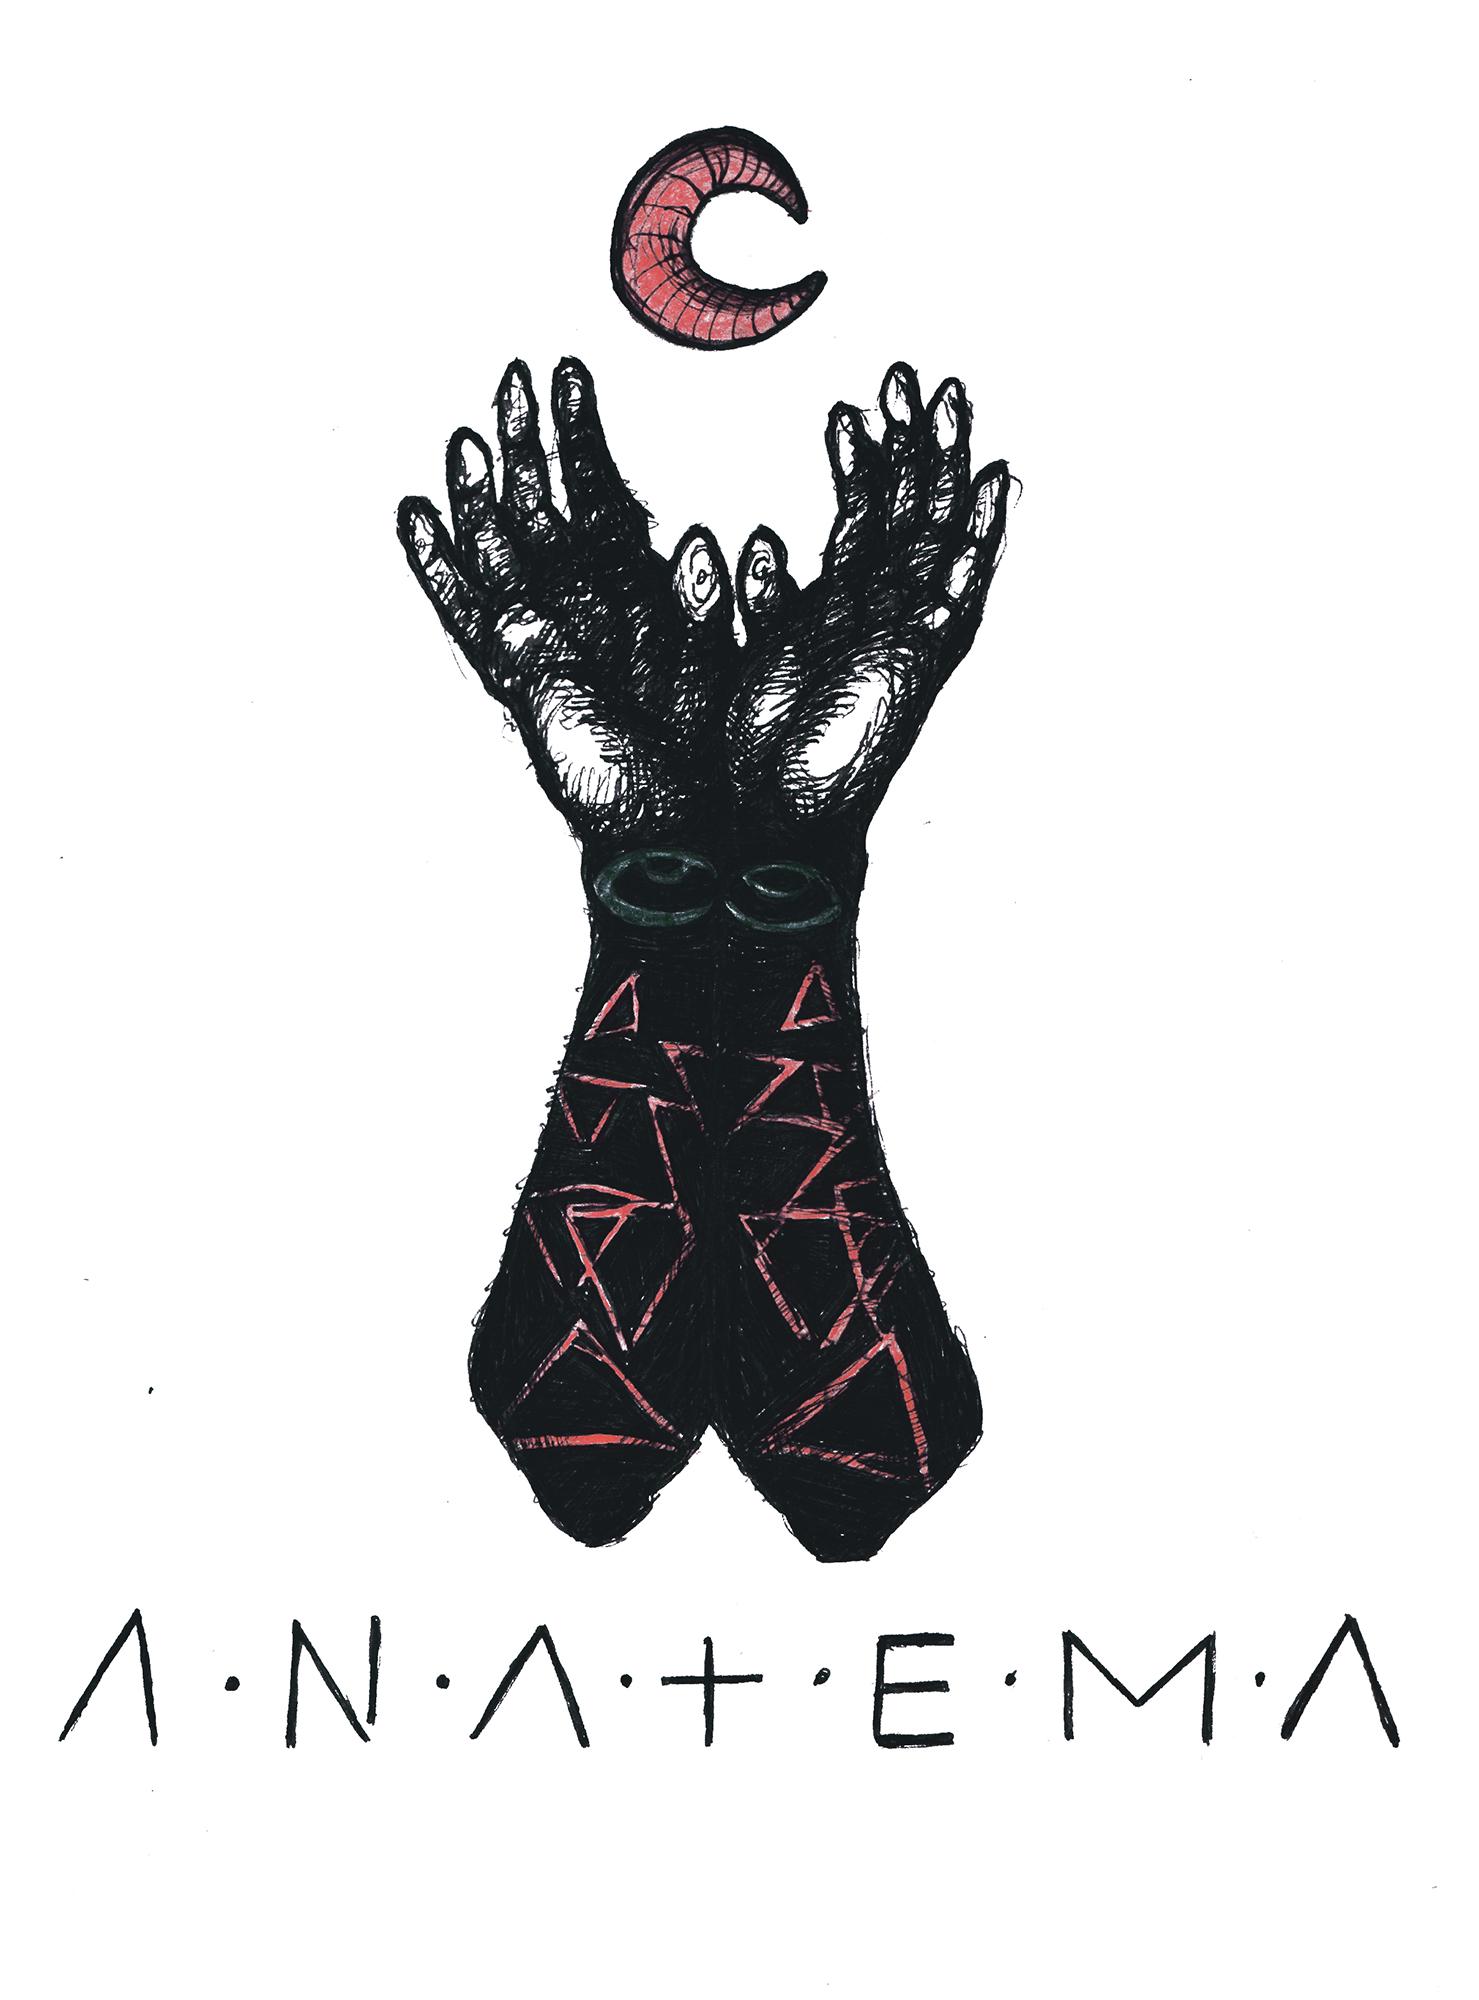 anathema X15a